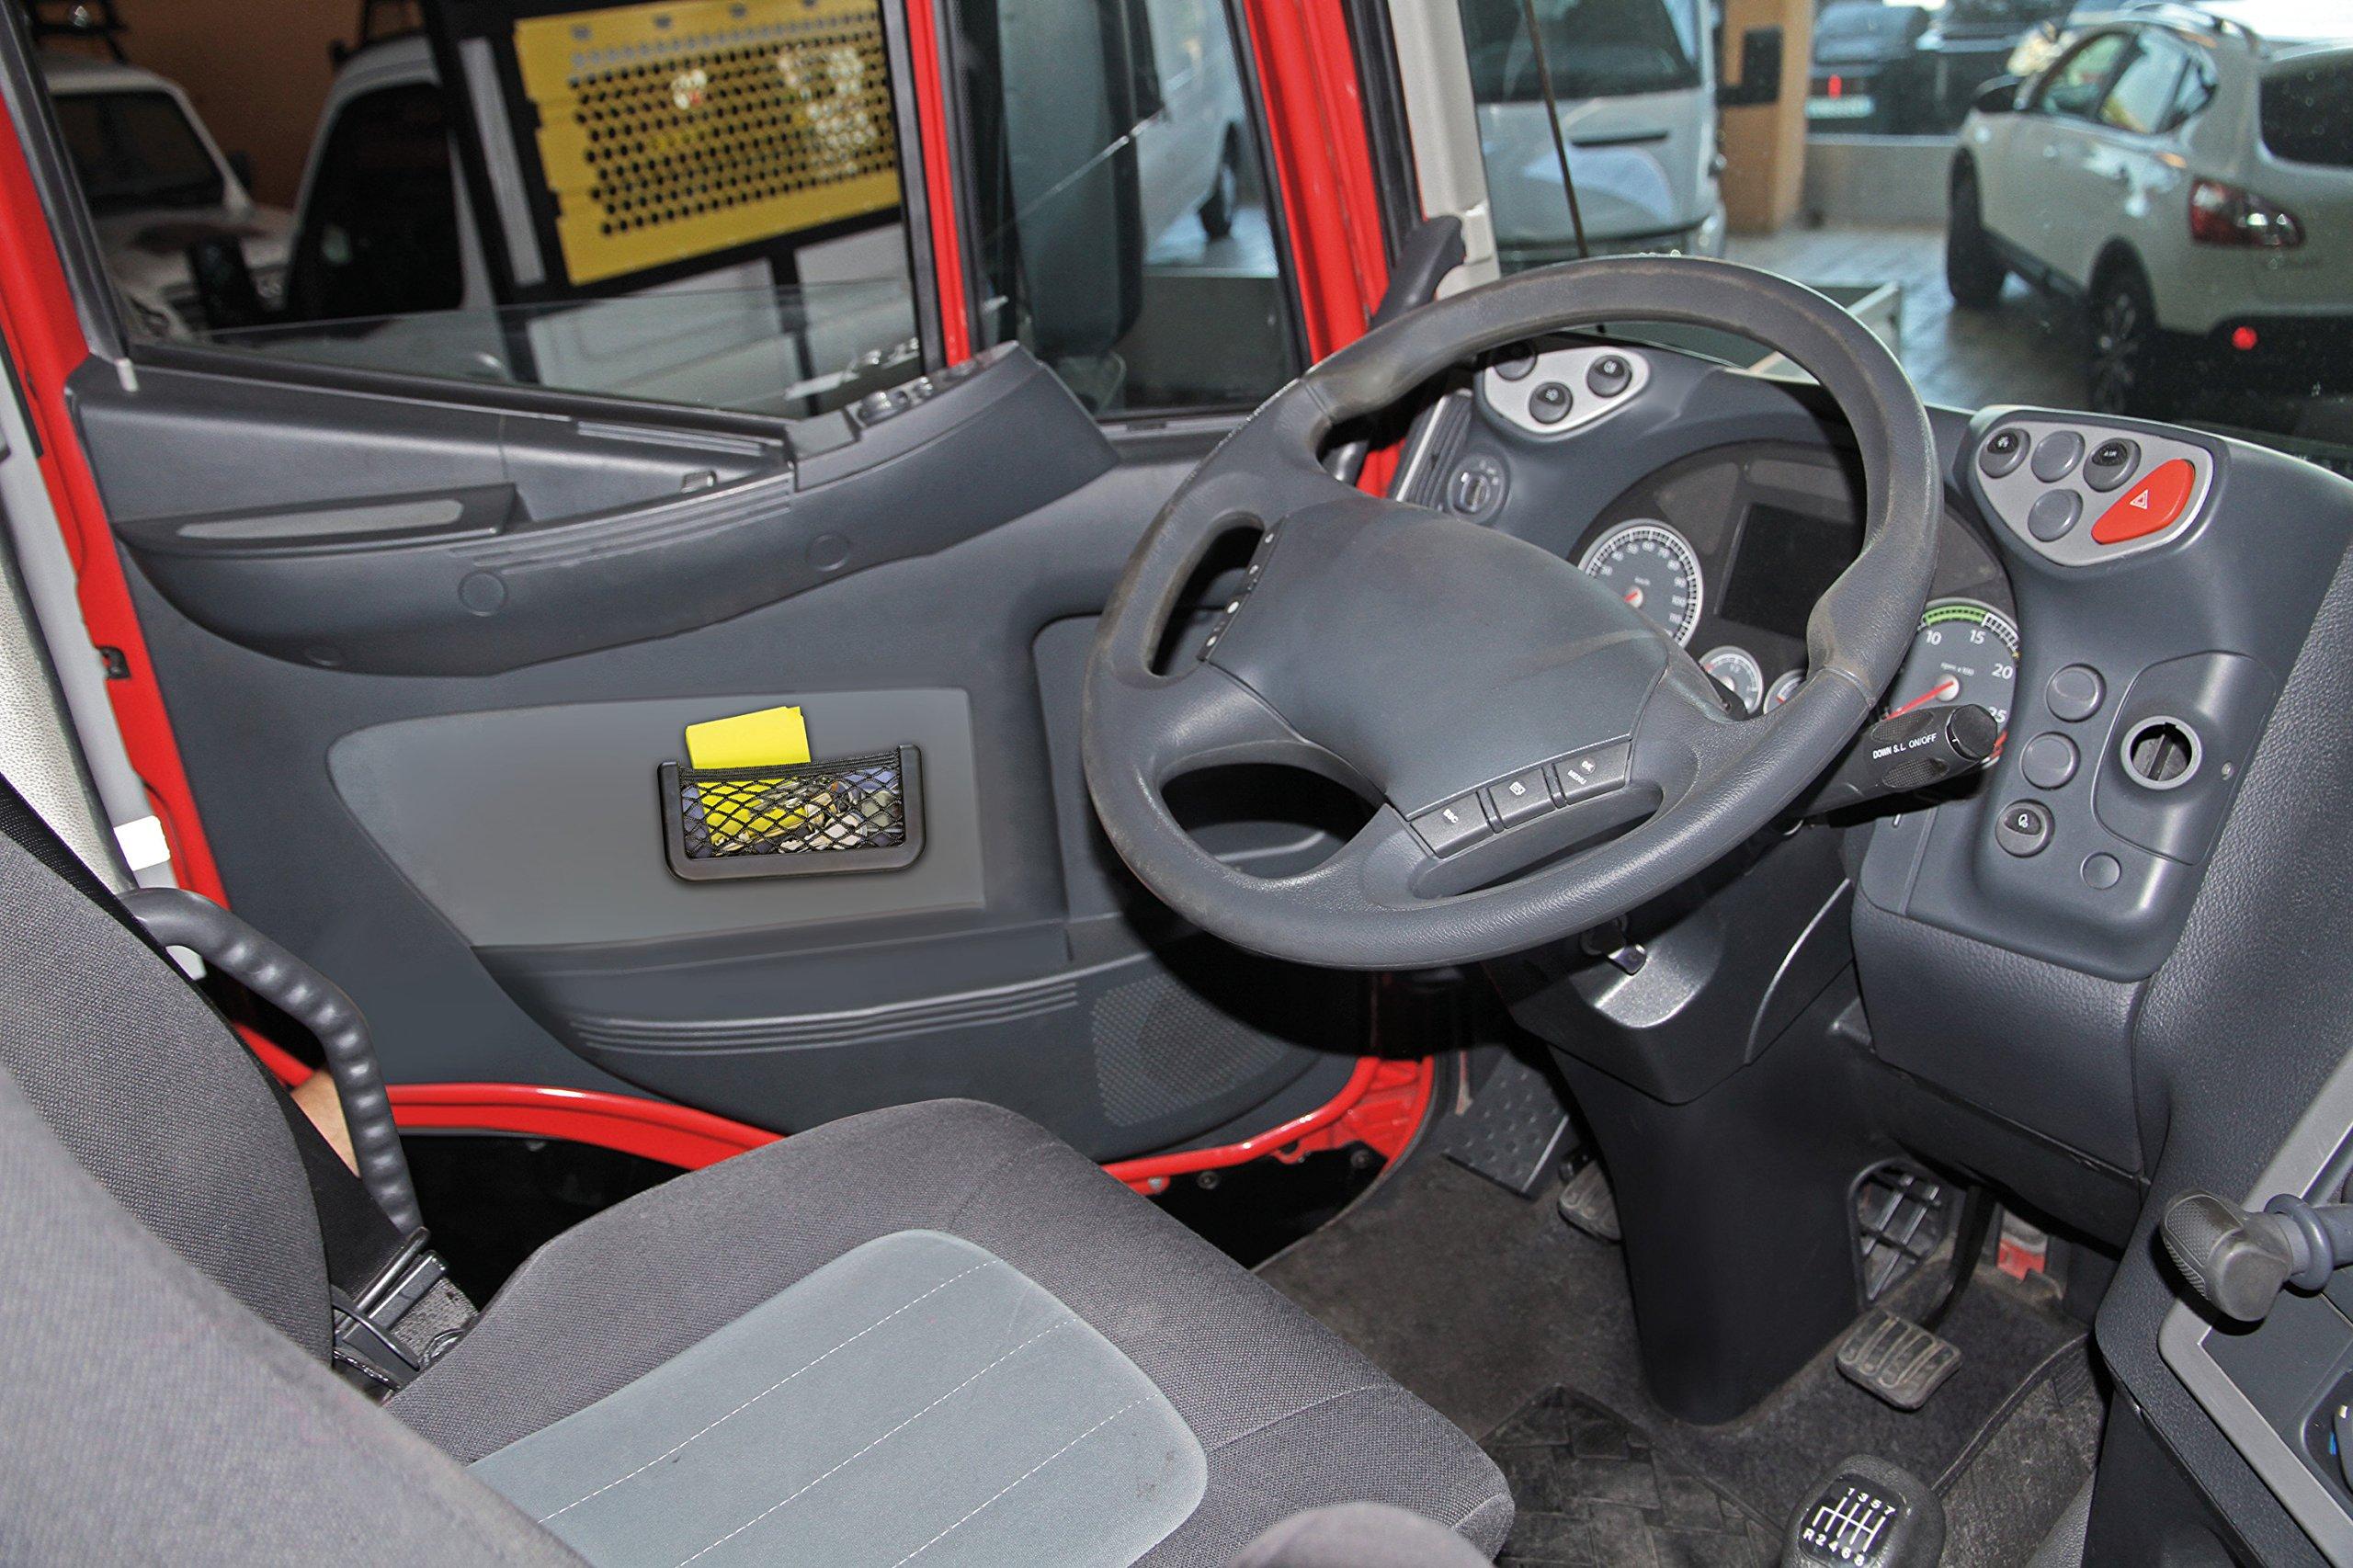 sourcing map Nero plastica morbida porta cellulare tasca portaoggetti oggetti vari contenitore per Auto